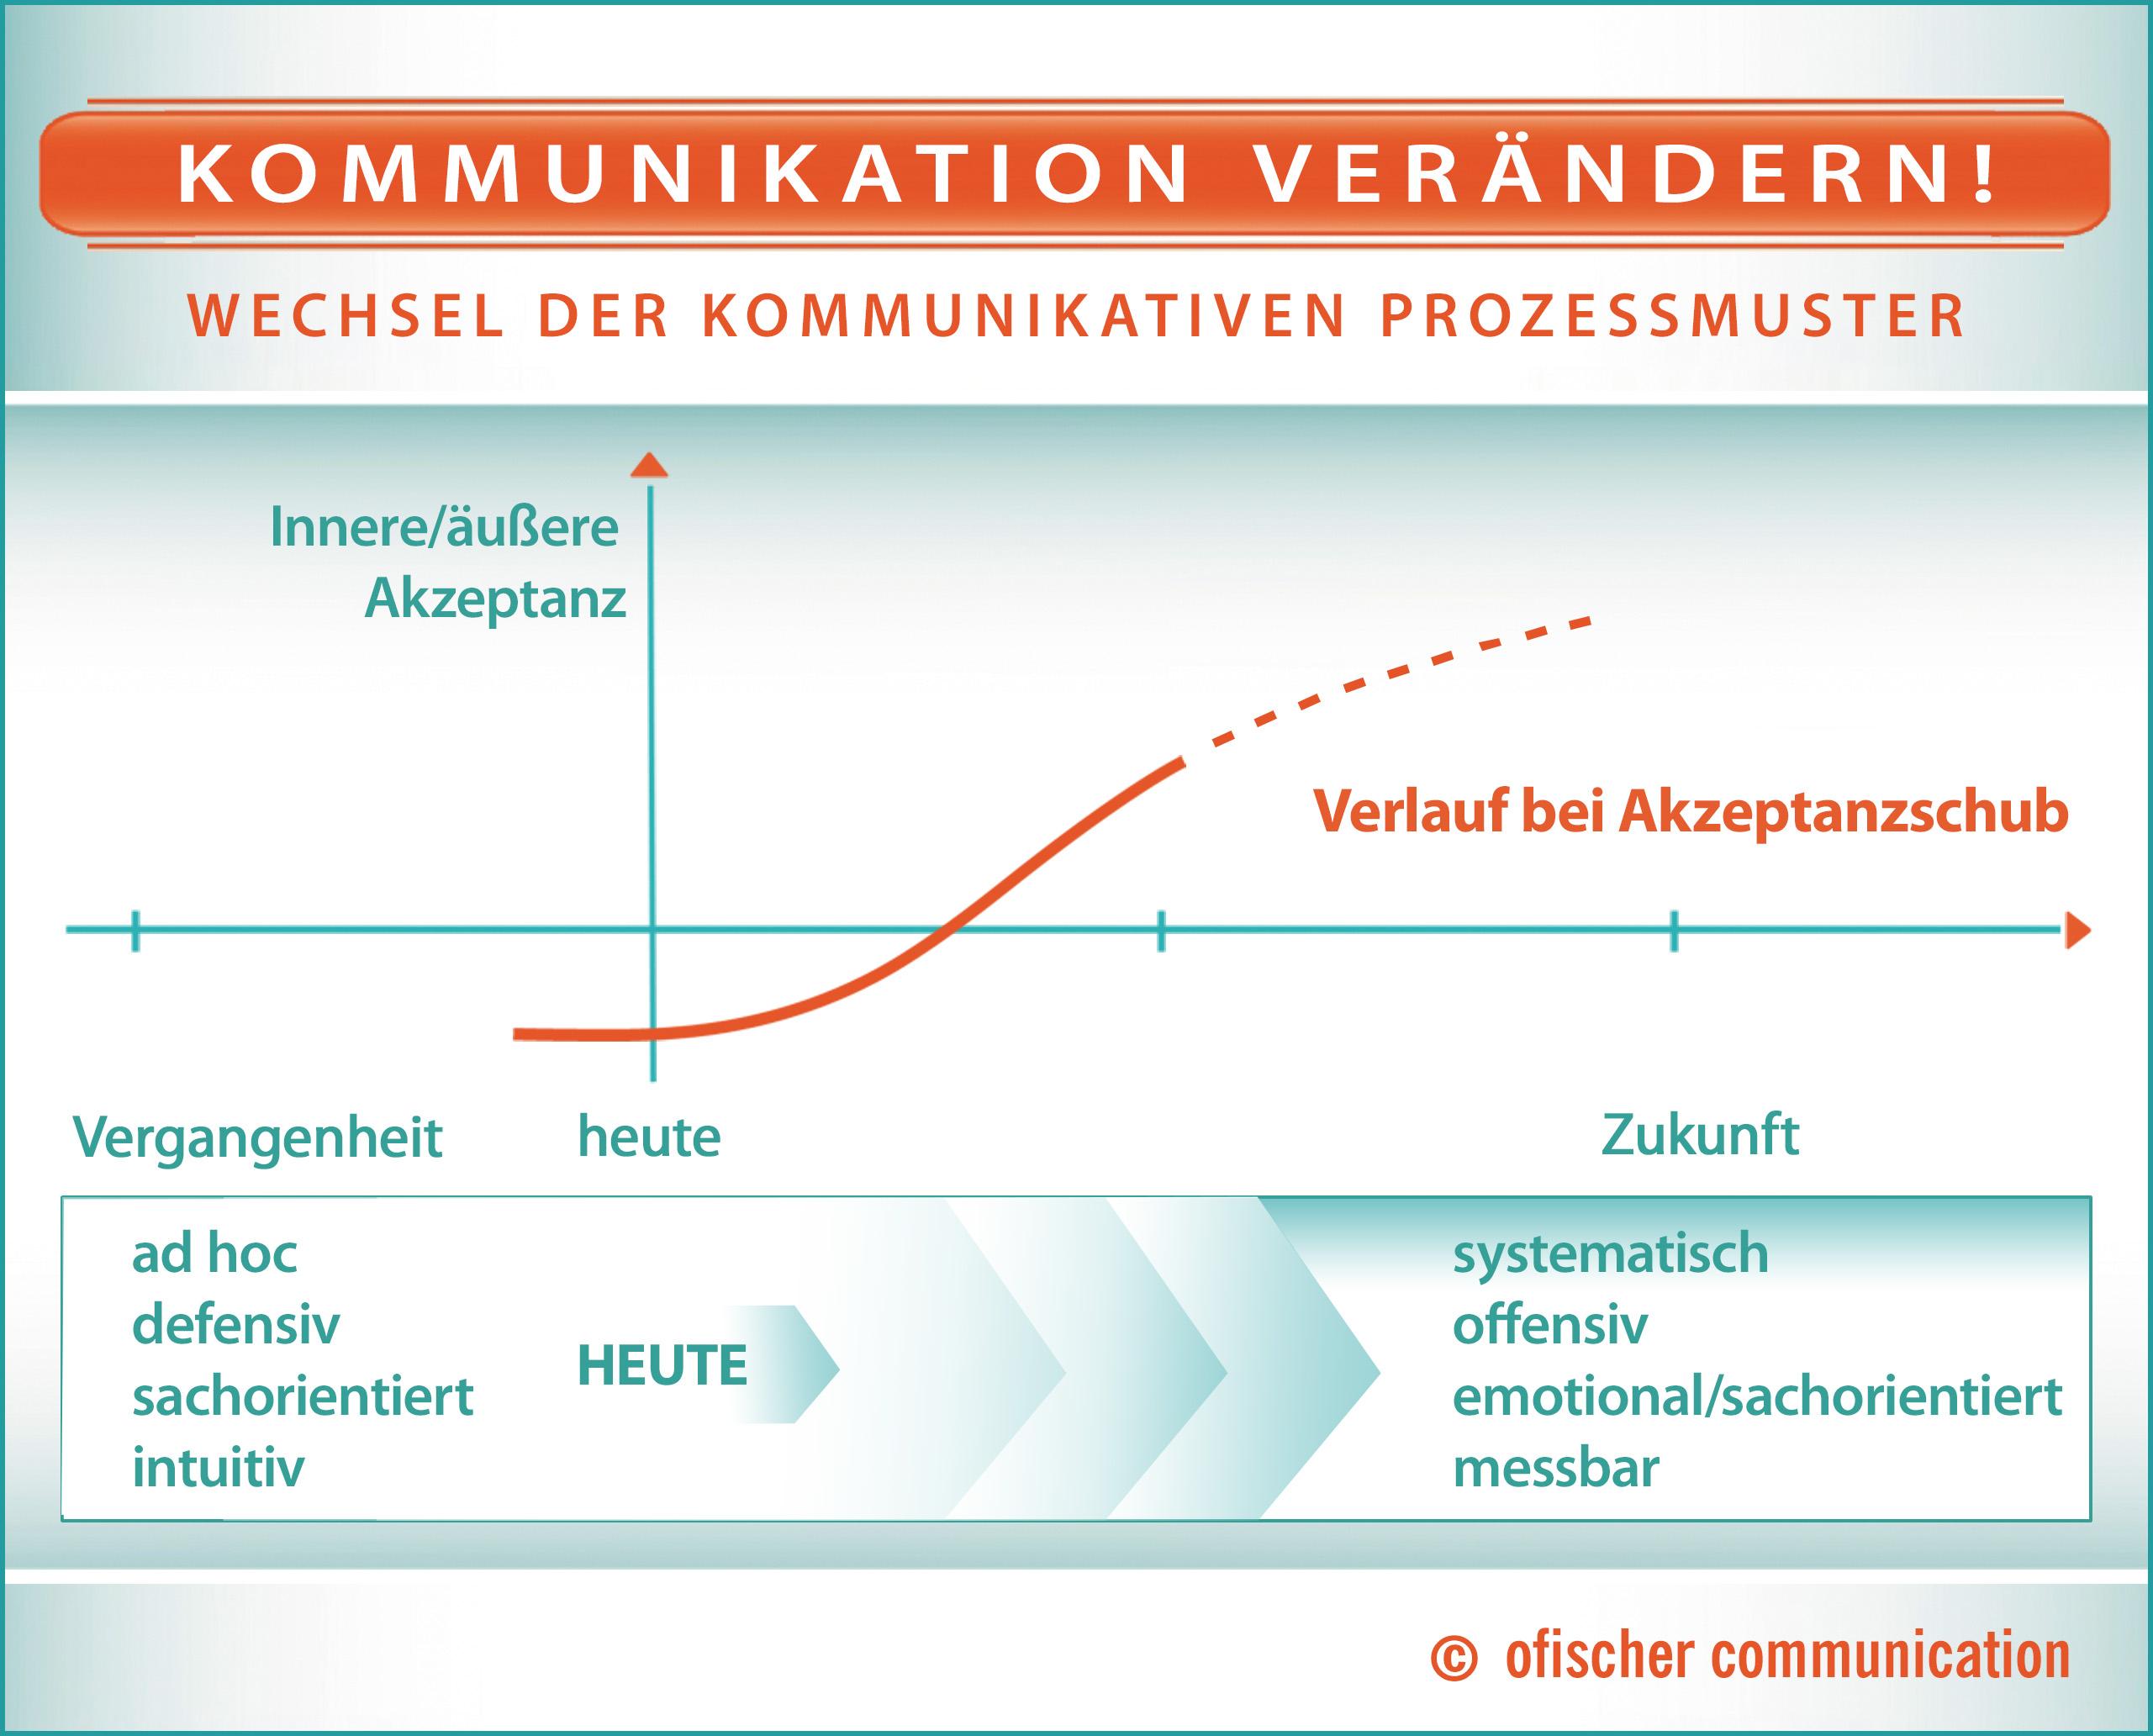 Wechsel der kommunikativen Prozessmuster: vom hektisch getriebenen Ad hoc-Vorgehen zum geplanten, messbaren Marketingkonzept.